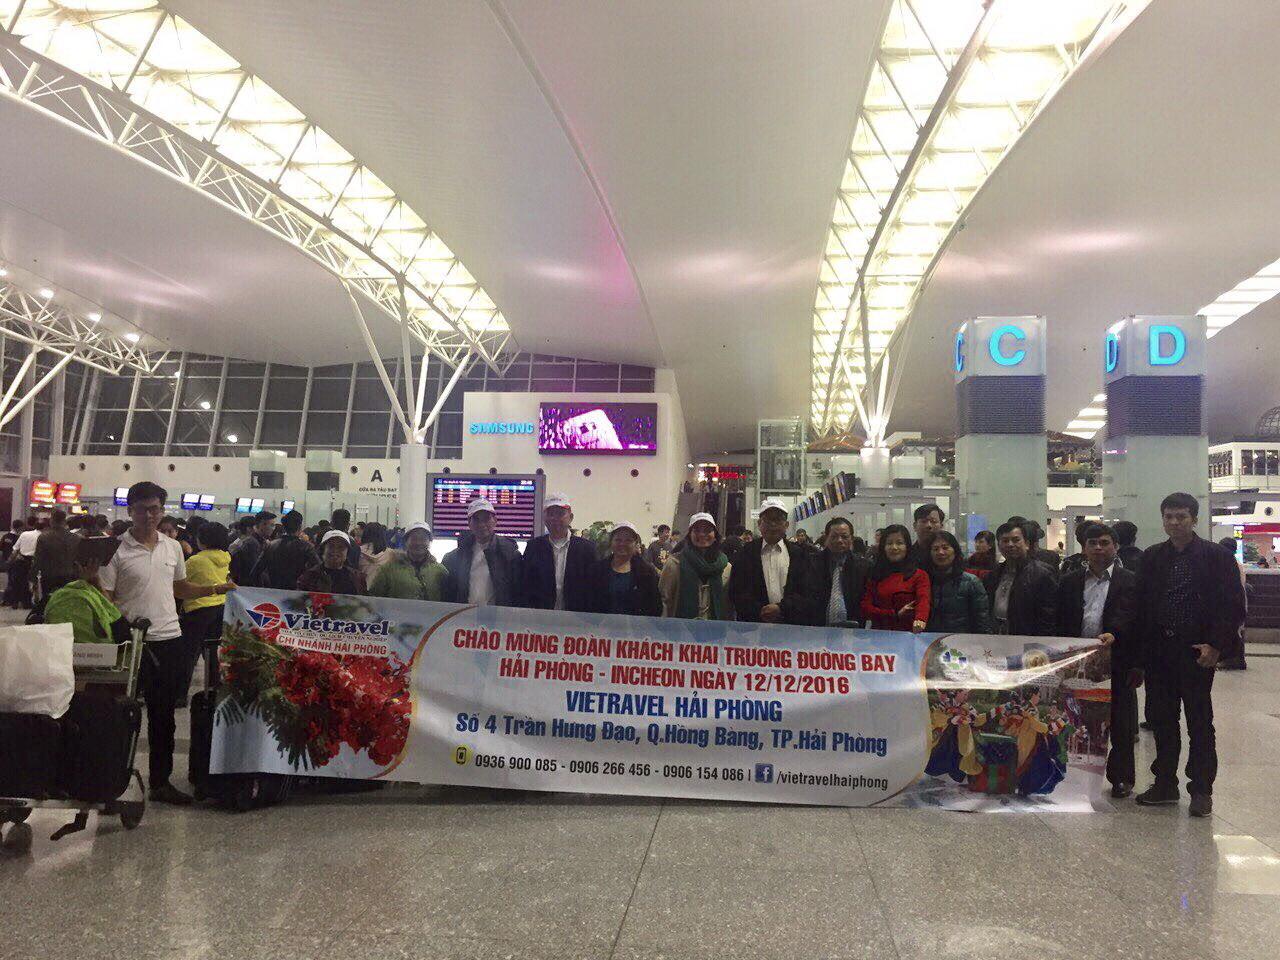 318 du khách đồng hành cùng Vietravel Hải Phòng  trên chuyến bay thẳng đầu tiên Hải Phòng - Seoul ngày 12/12/201